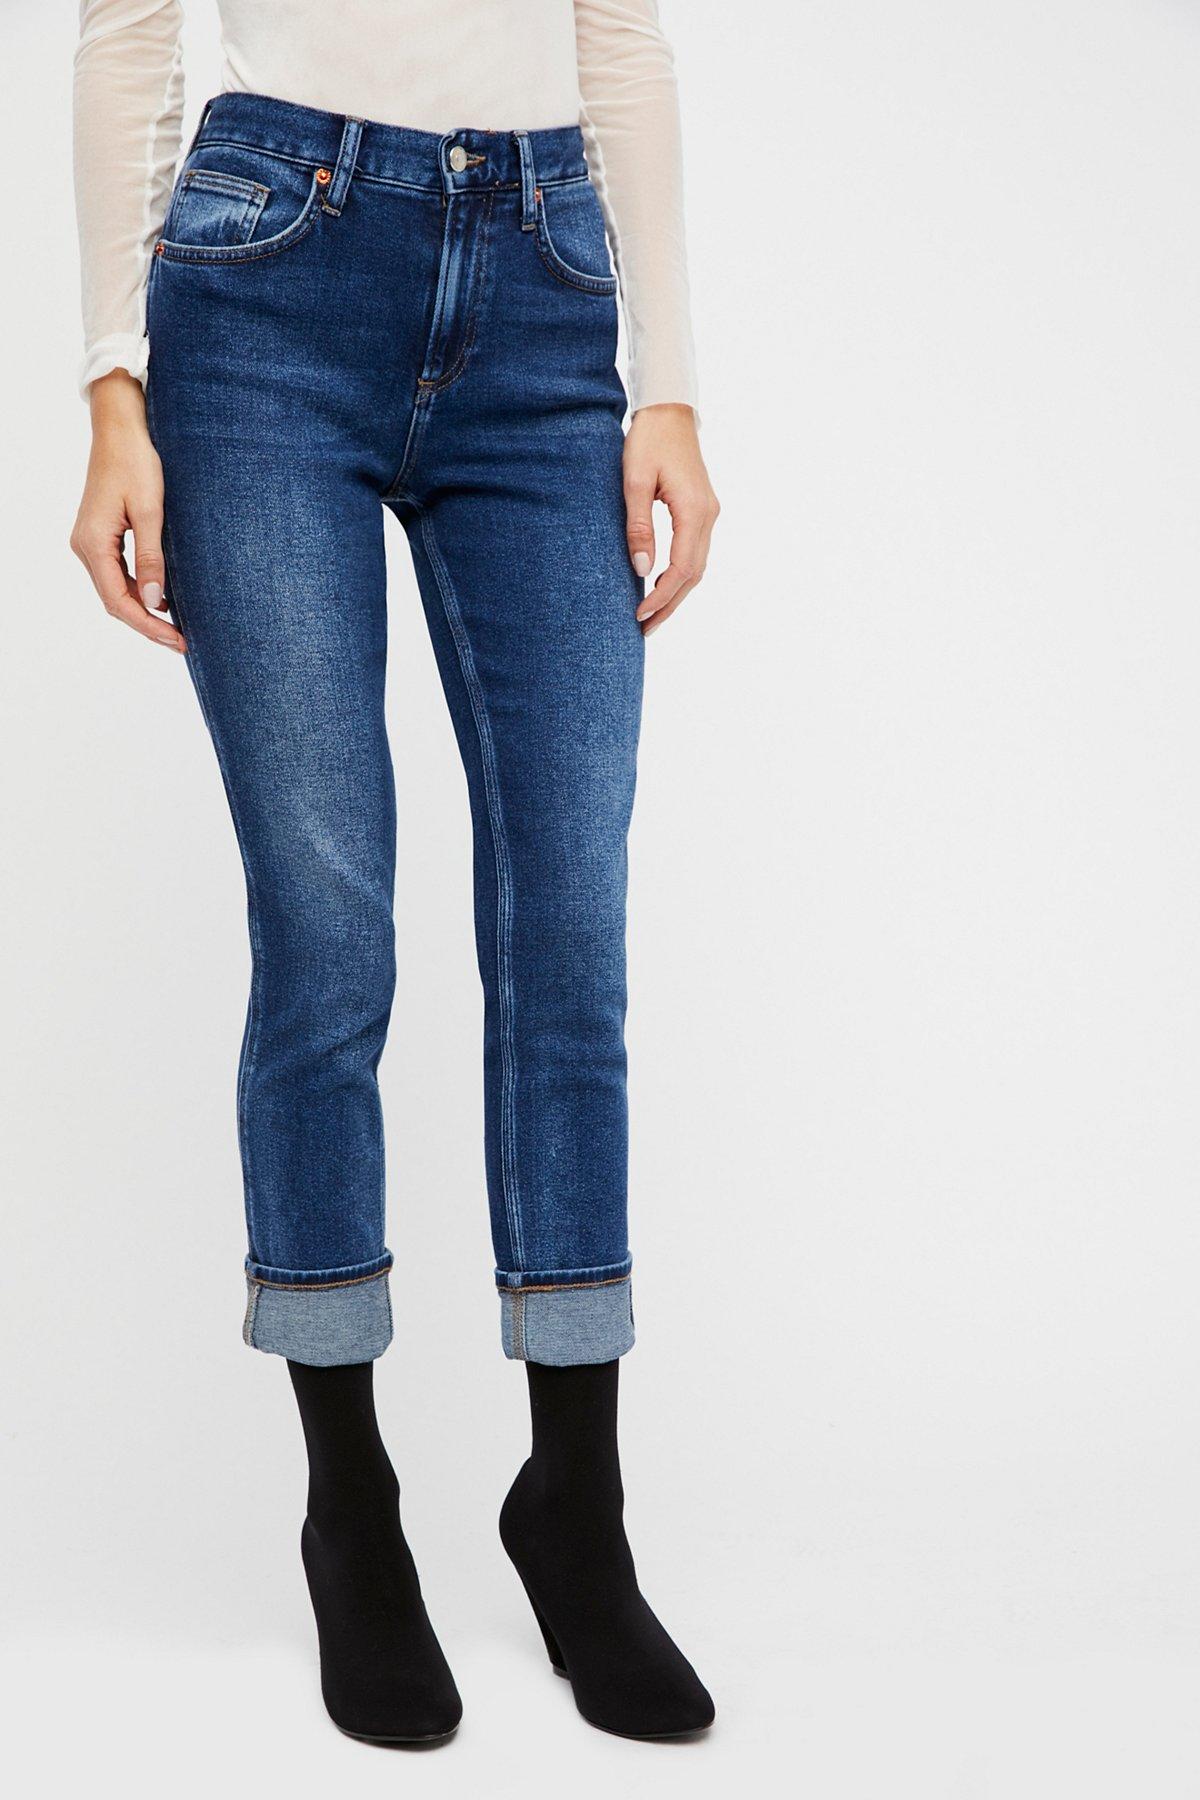 Deep Cuff Skinny Jeans